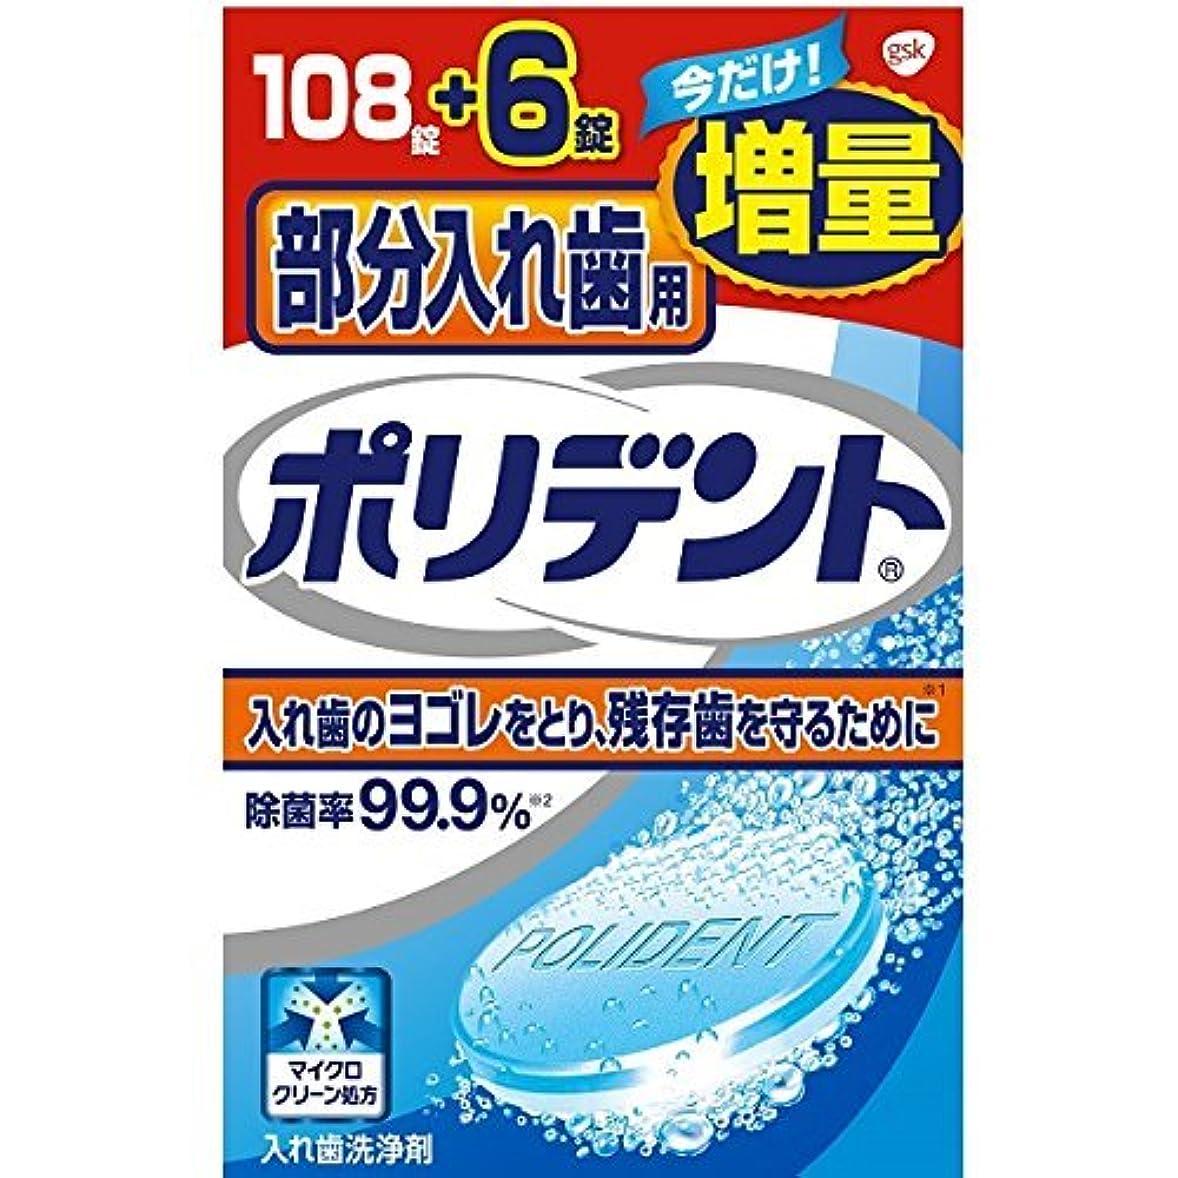 シェル均等にウィザード部分入れ歯用ポリデント 108錠+6錠増量品